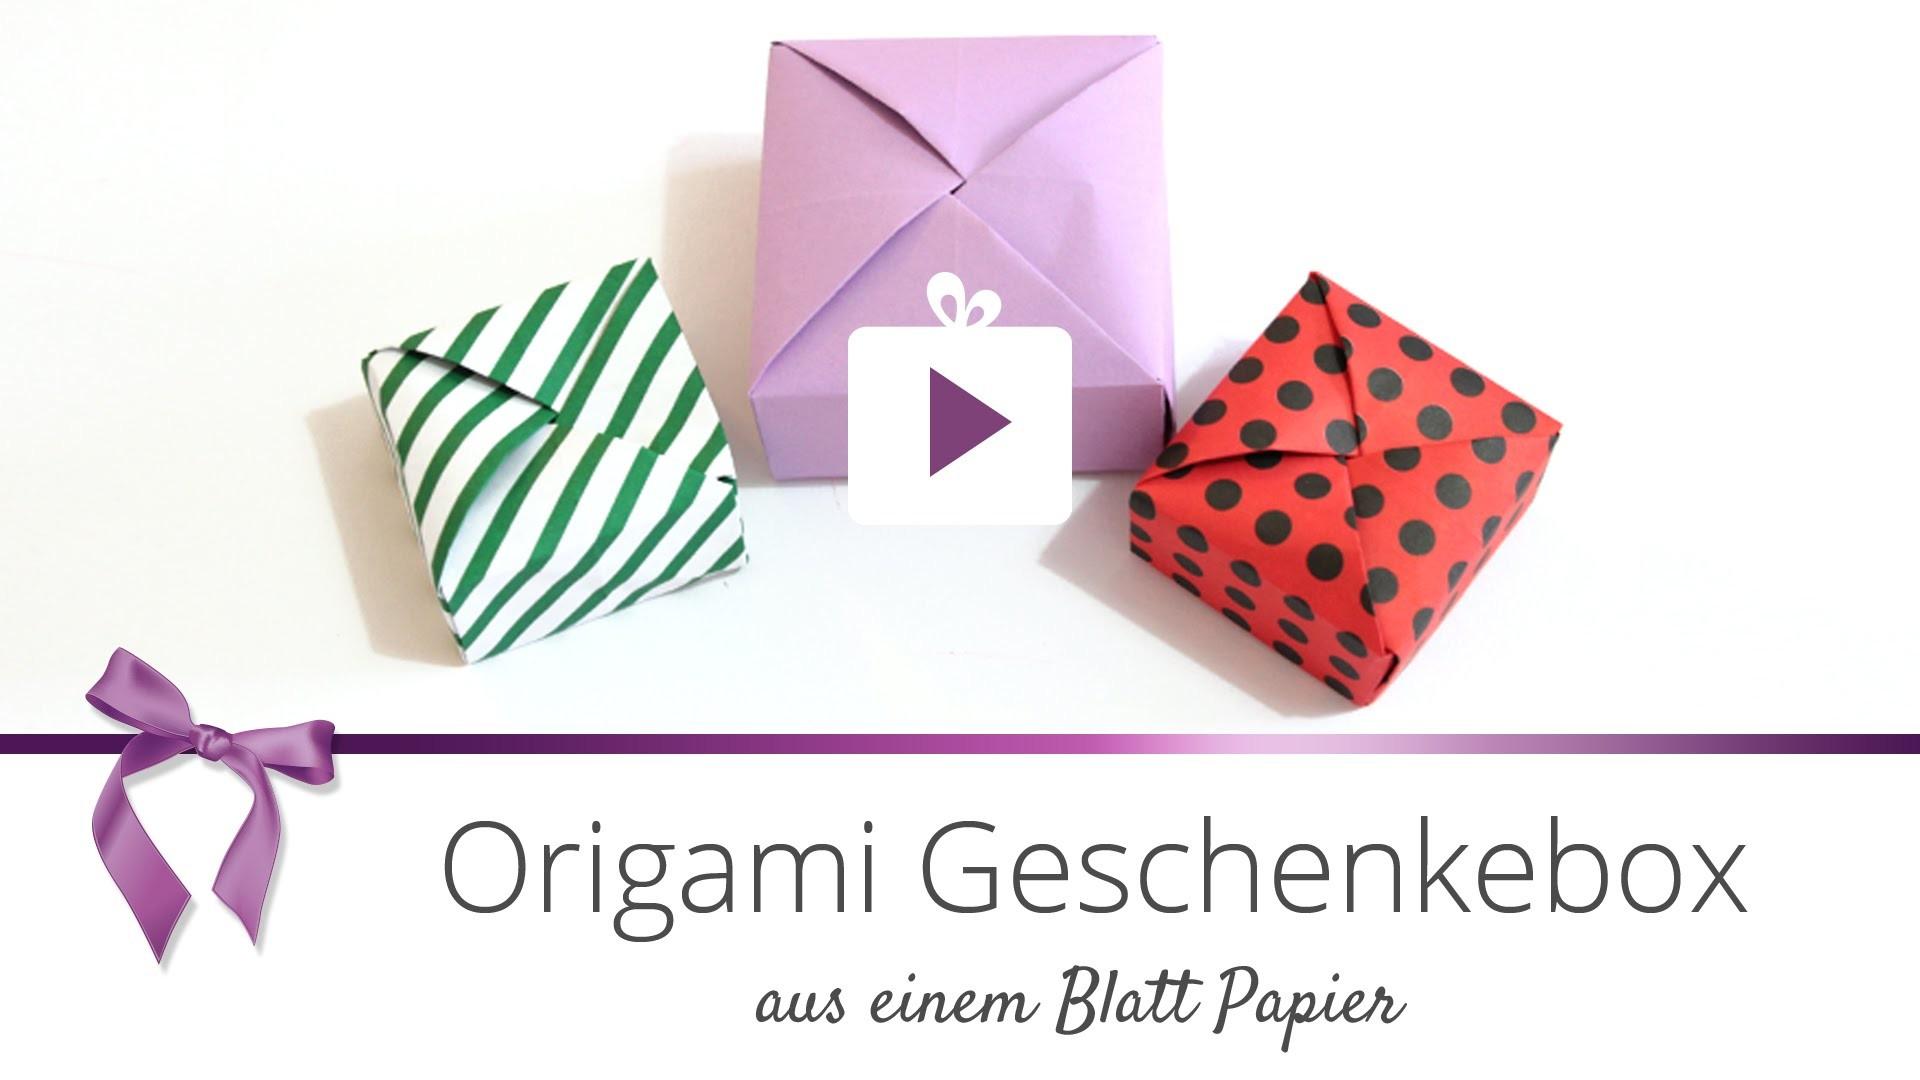 [DIY] Origami Geschenkebox | DANATO